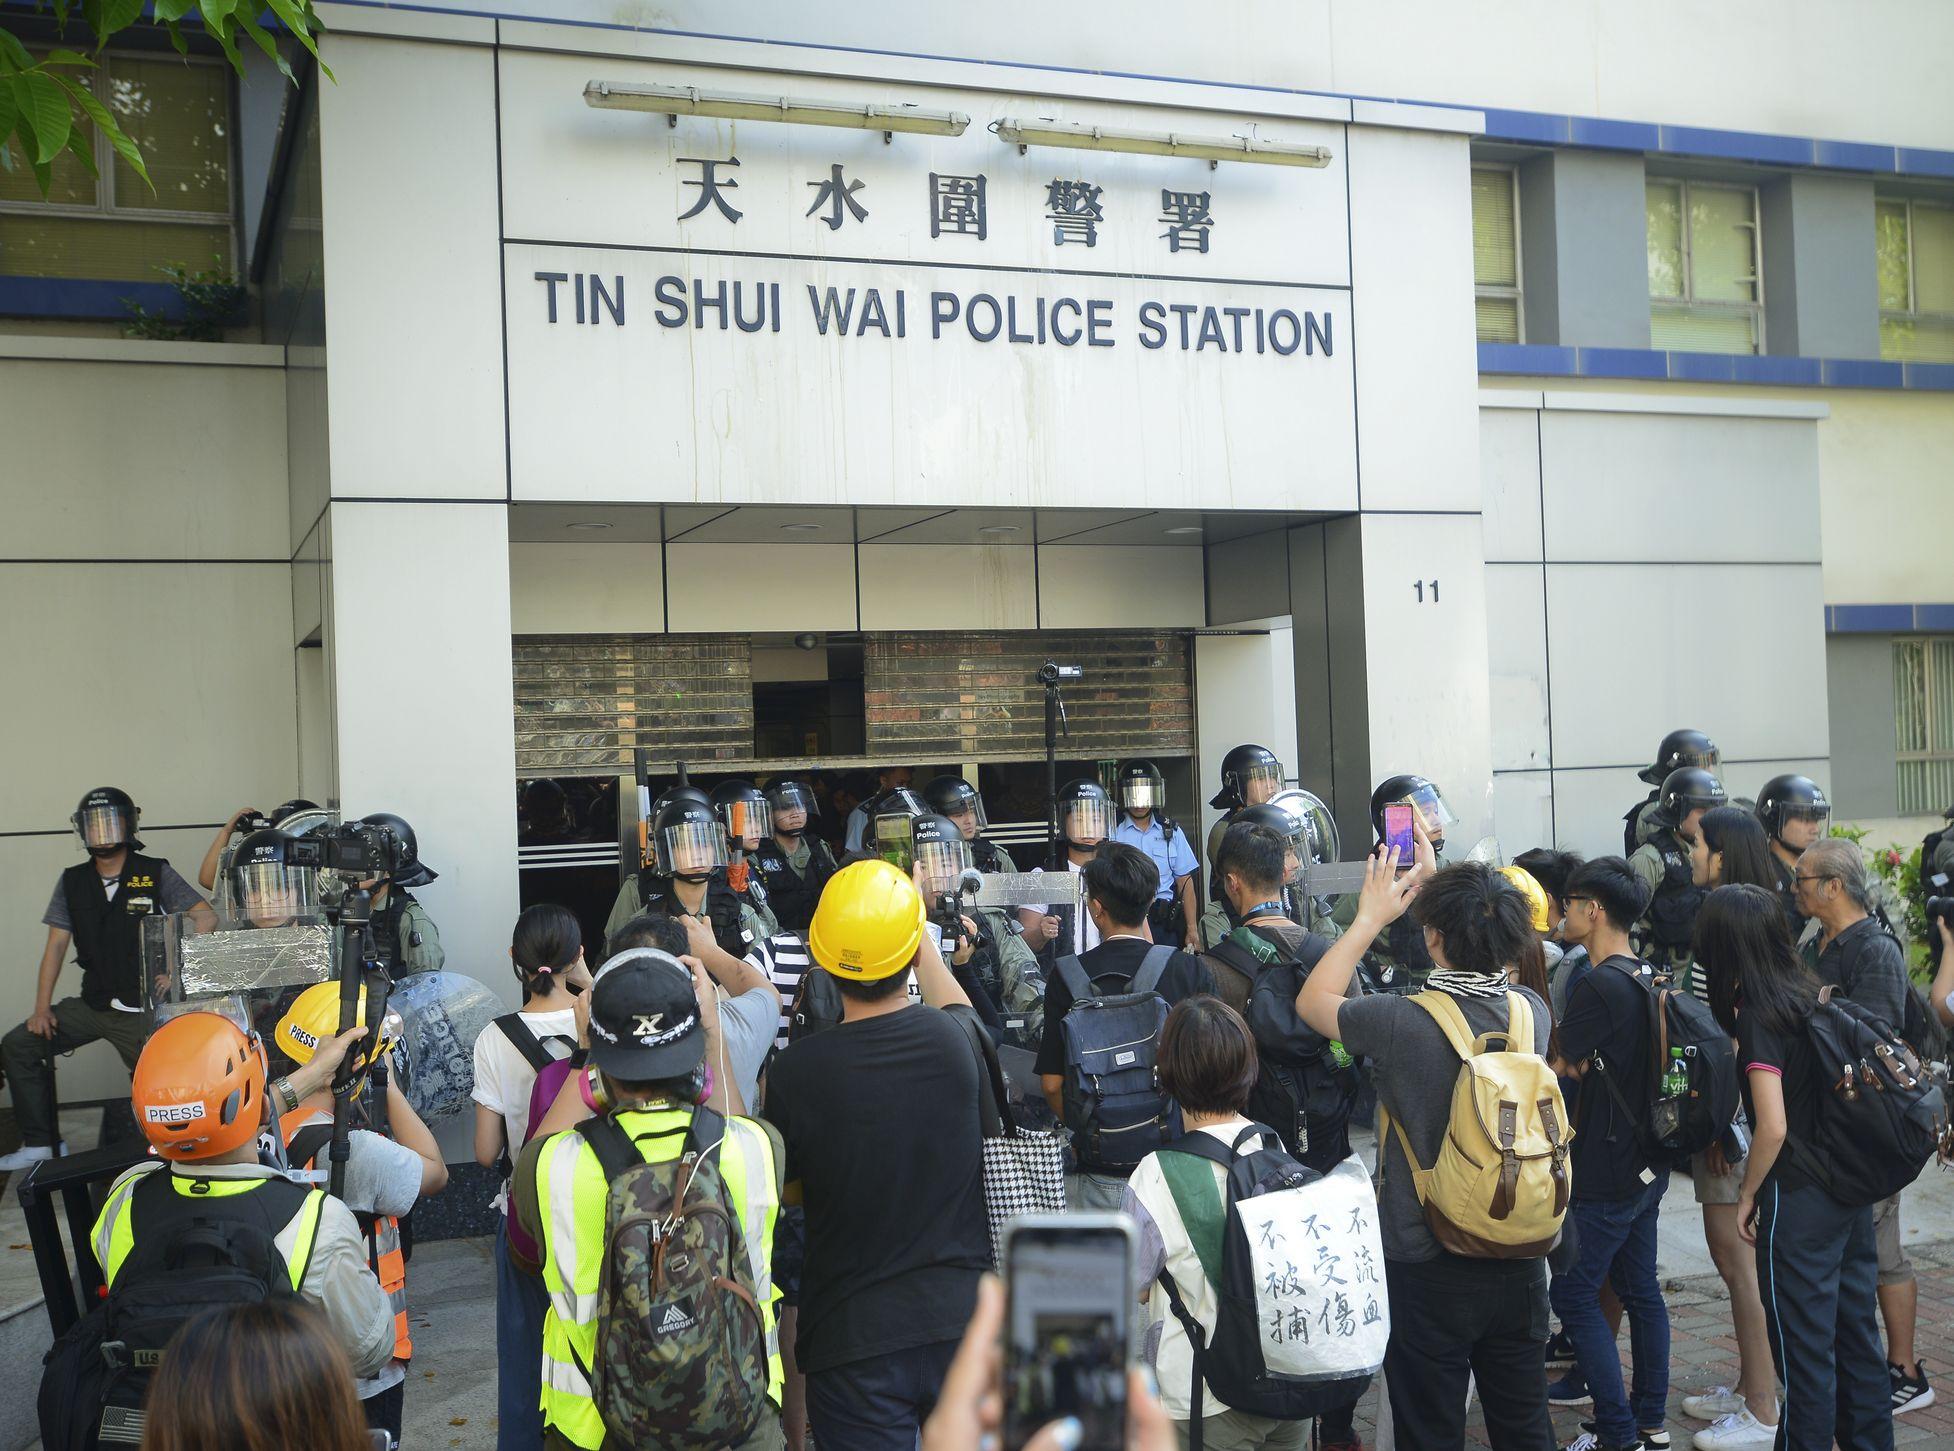 【修例风波】明日天水围游行被警反对 发起人提上诉被驳回